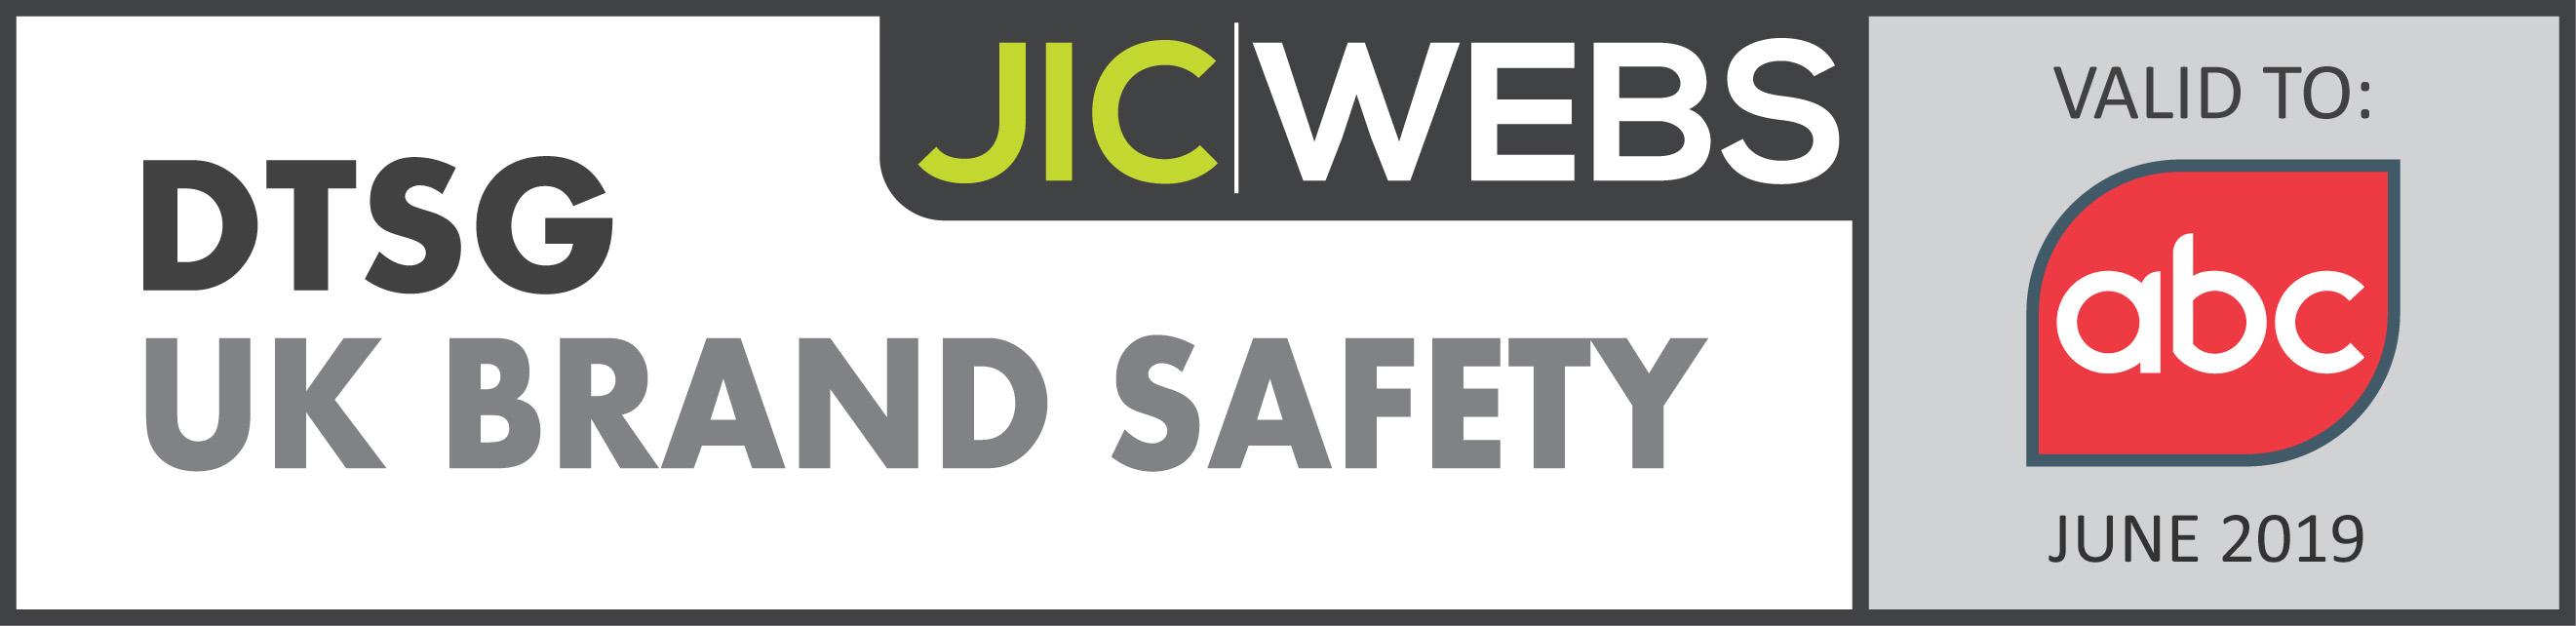 DTSG Brand Safety Seal